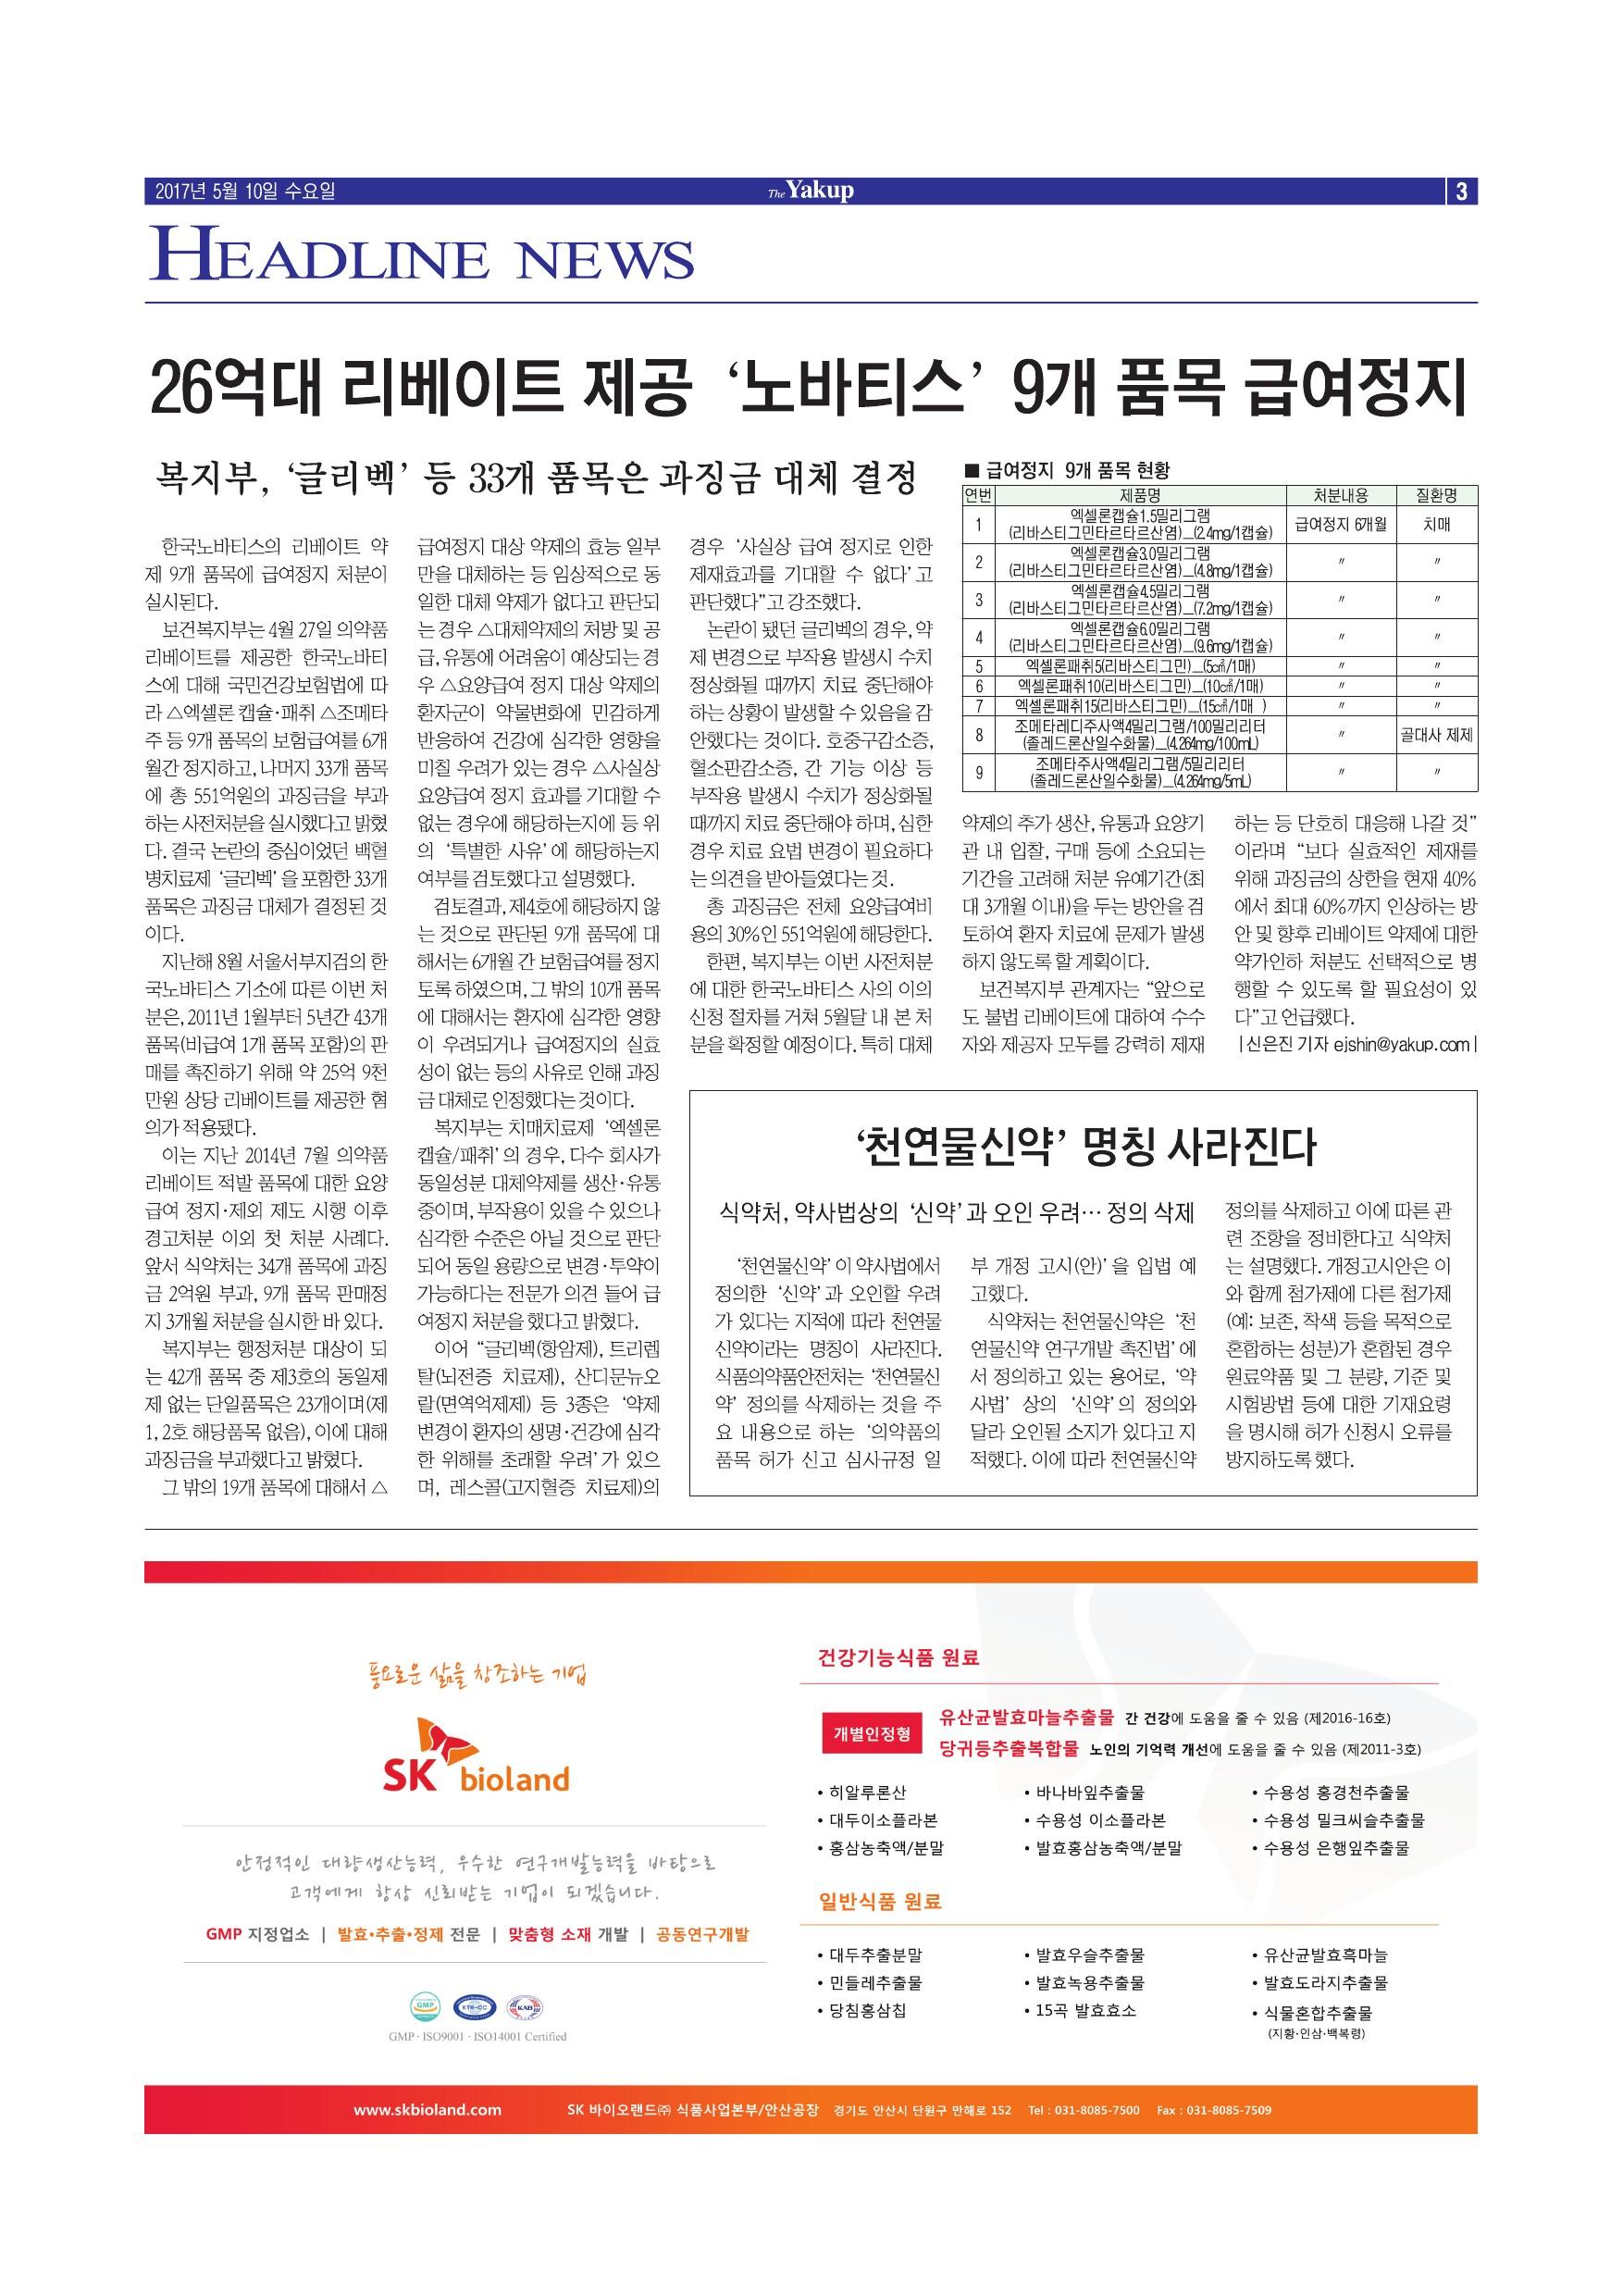 약업신문 5547호 2017년 5월 10일(수)